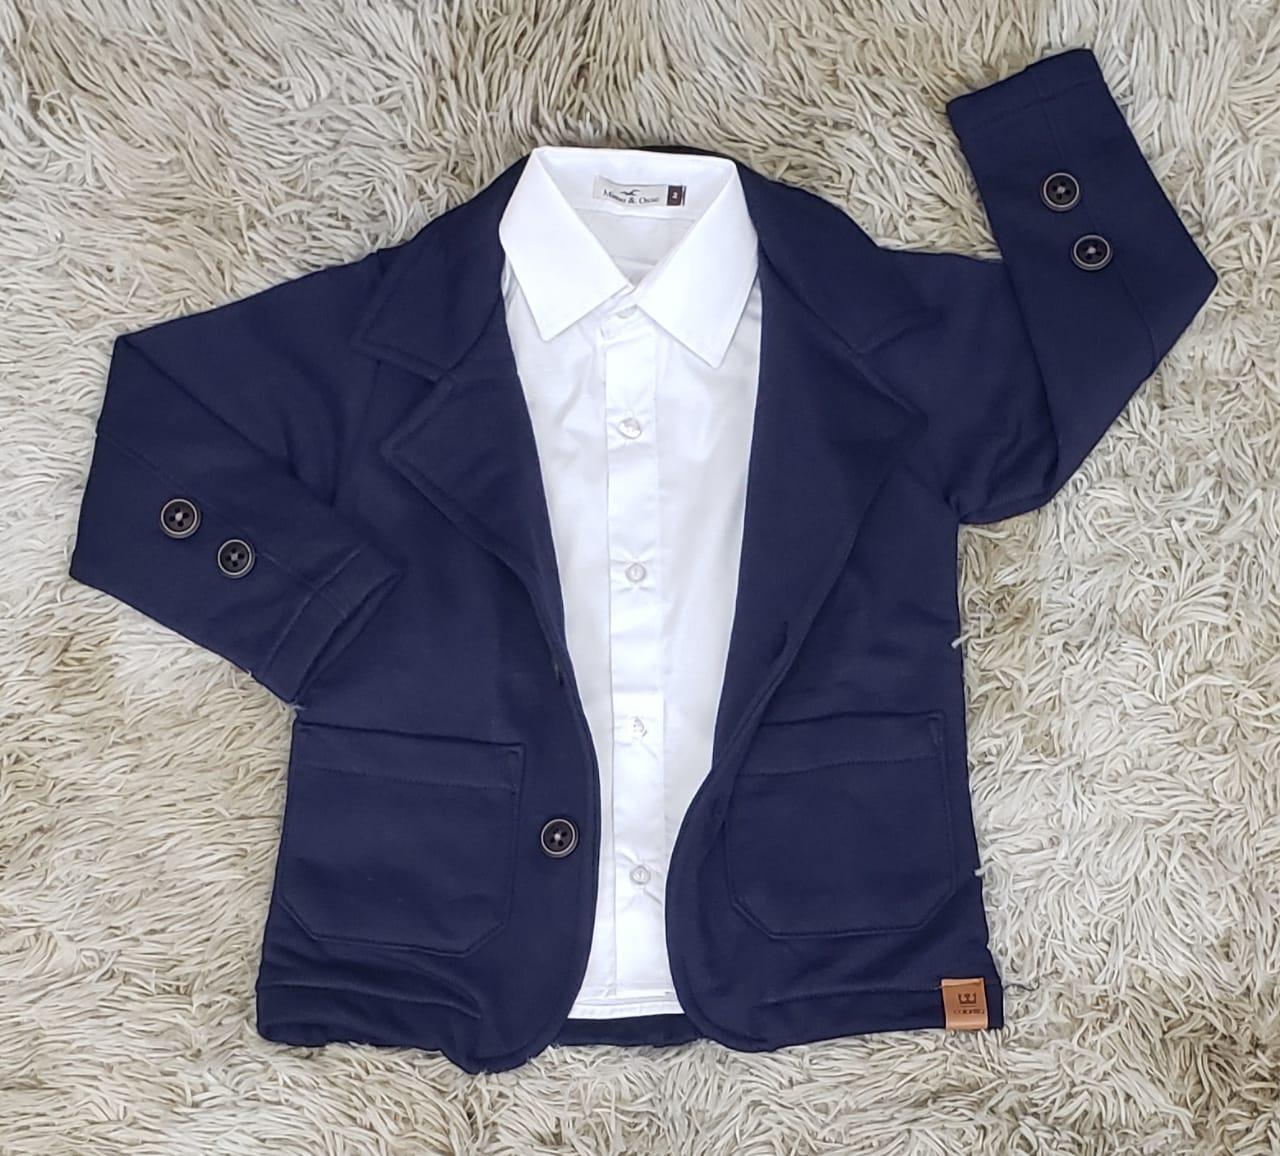 Camisa Social Branca com Blazer